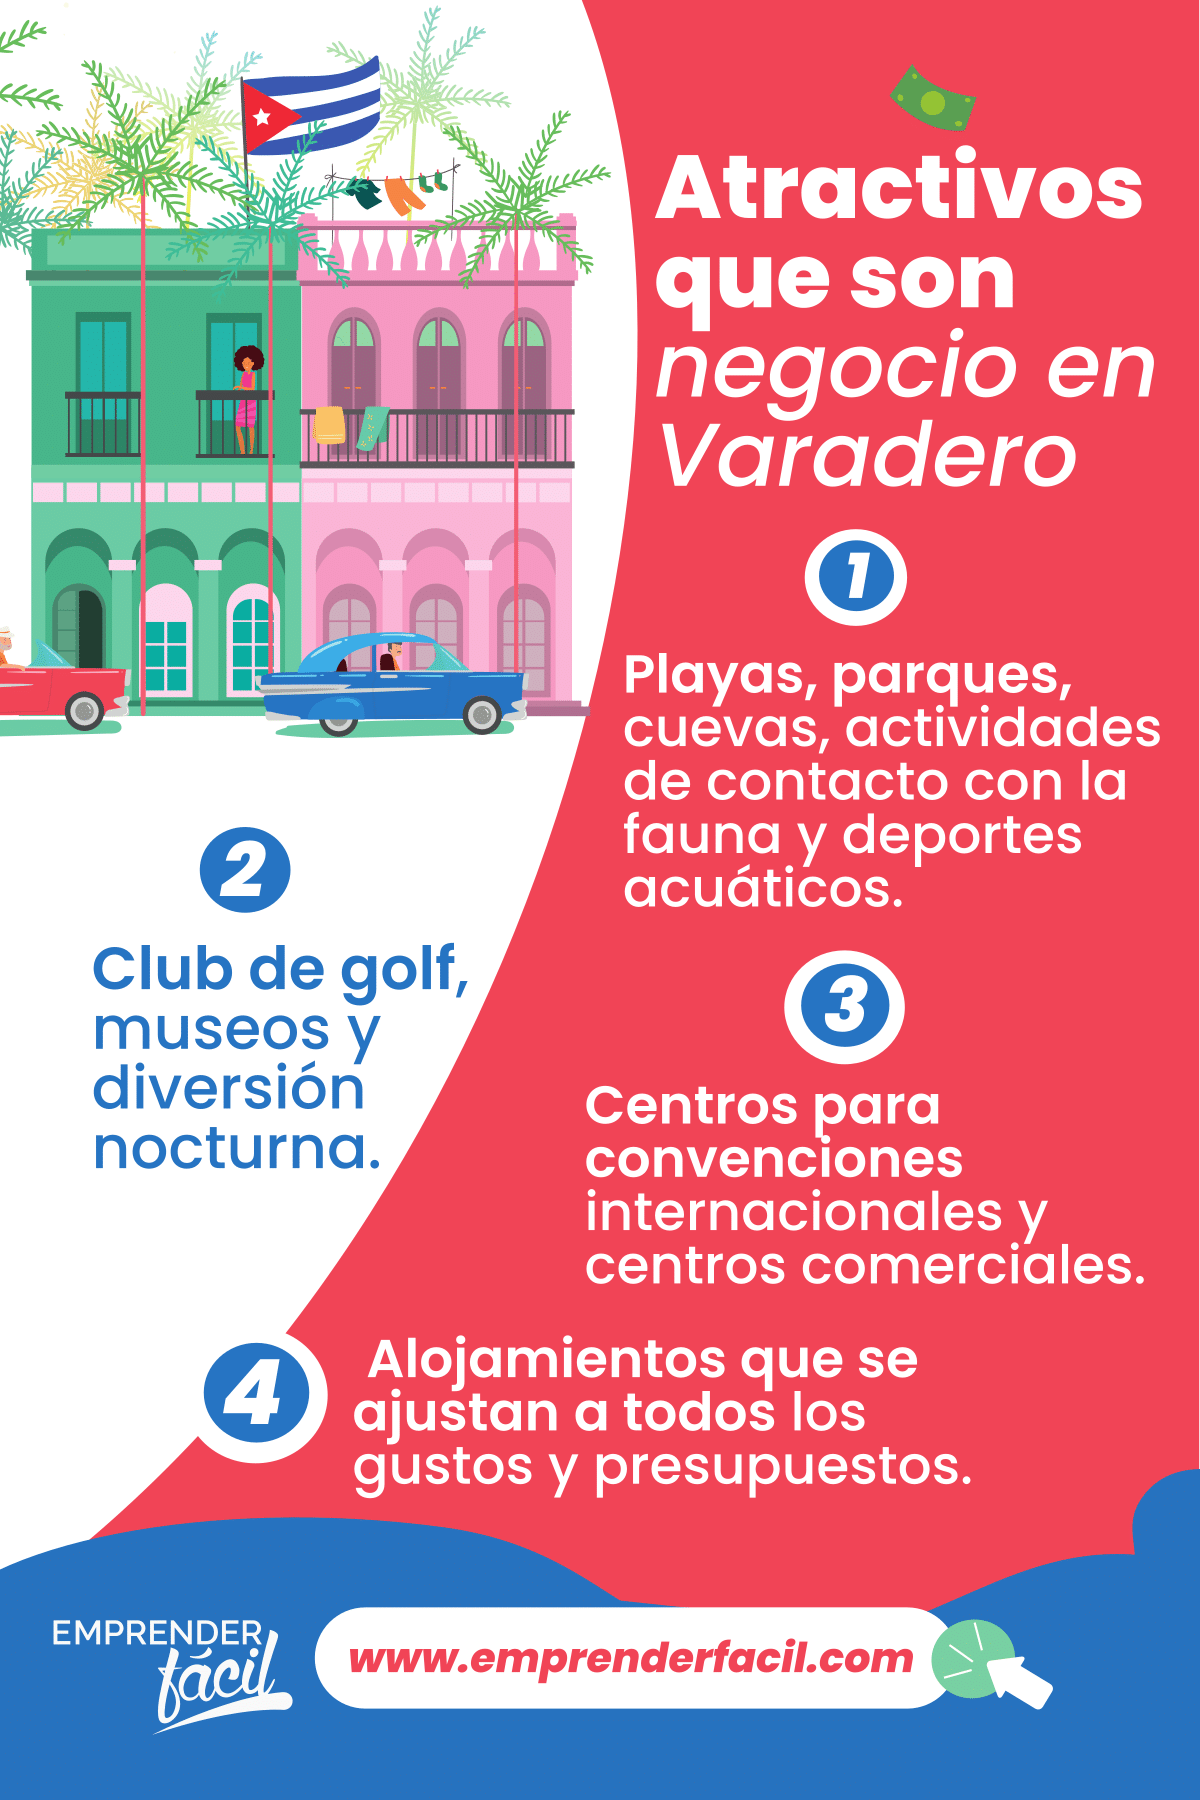 Atractivos que son negocio en Varadero: